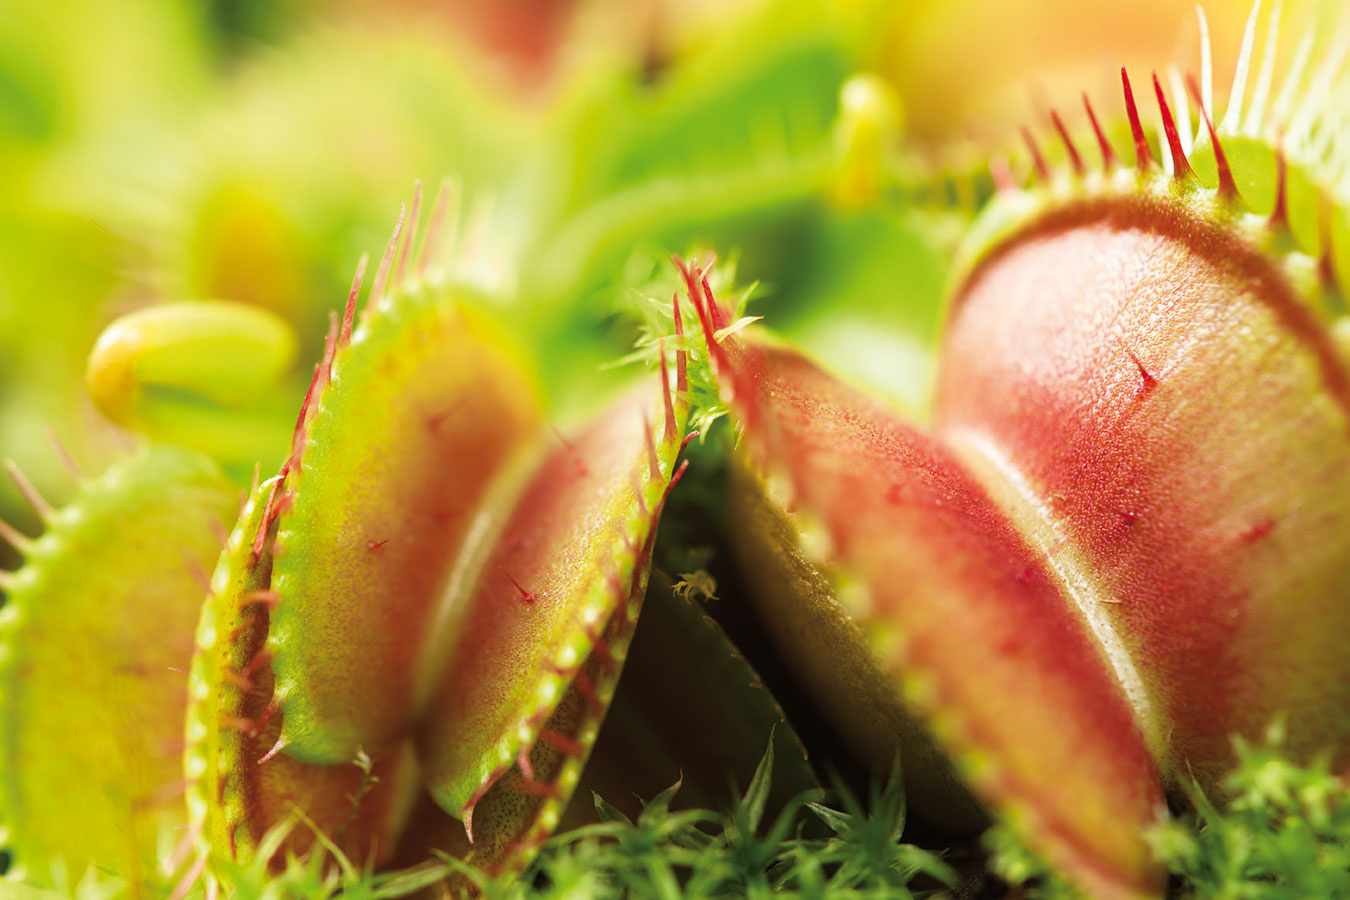 Ďalšími detskými obľúbencami sú mäsožravé rastliny, ktoré dokážu detskú pozornosť zaujať naozaj nadlho. Zadovážiť im môžete napríklad mucholapky (Dionaea muscipula).